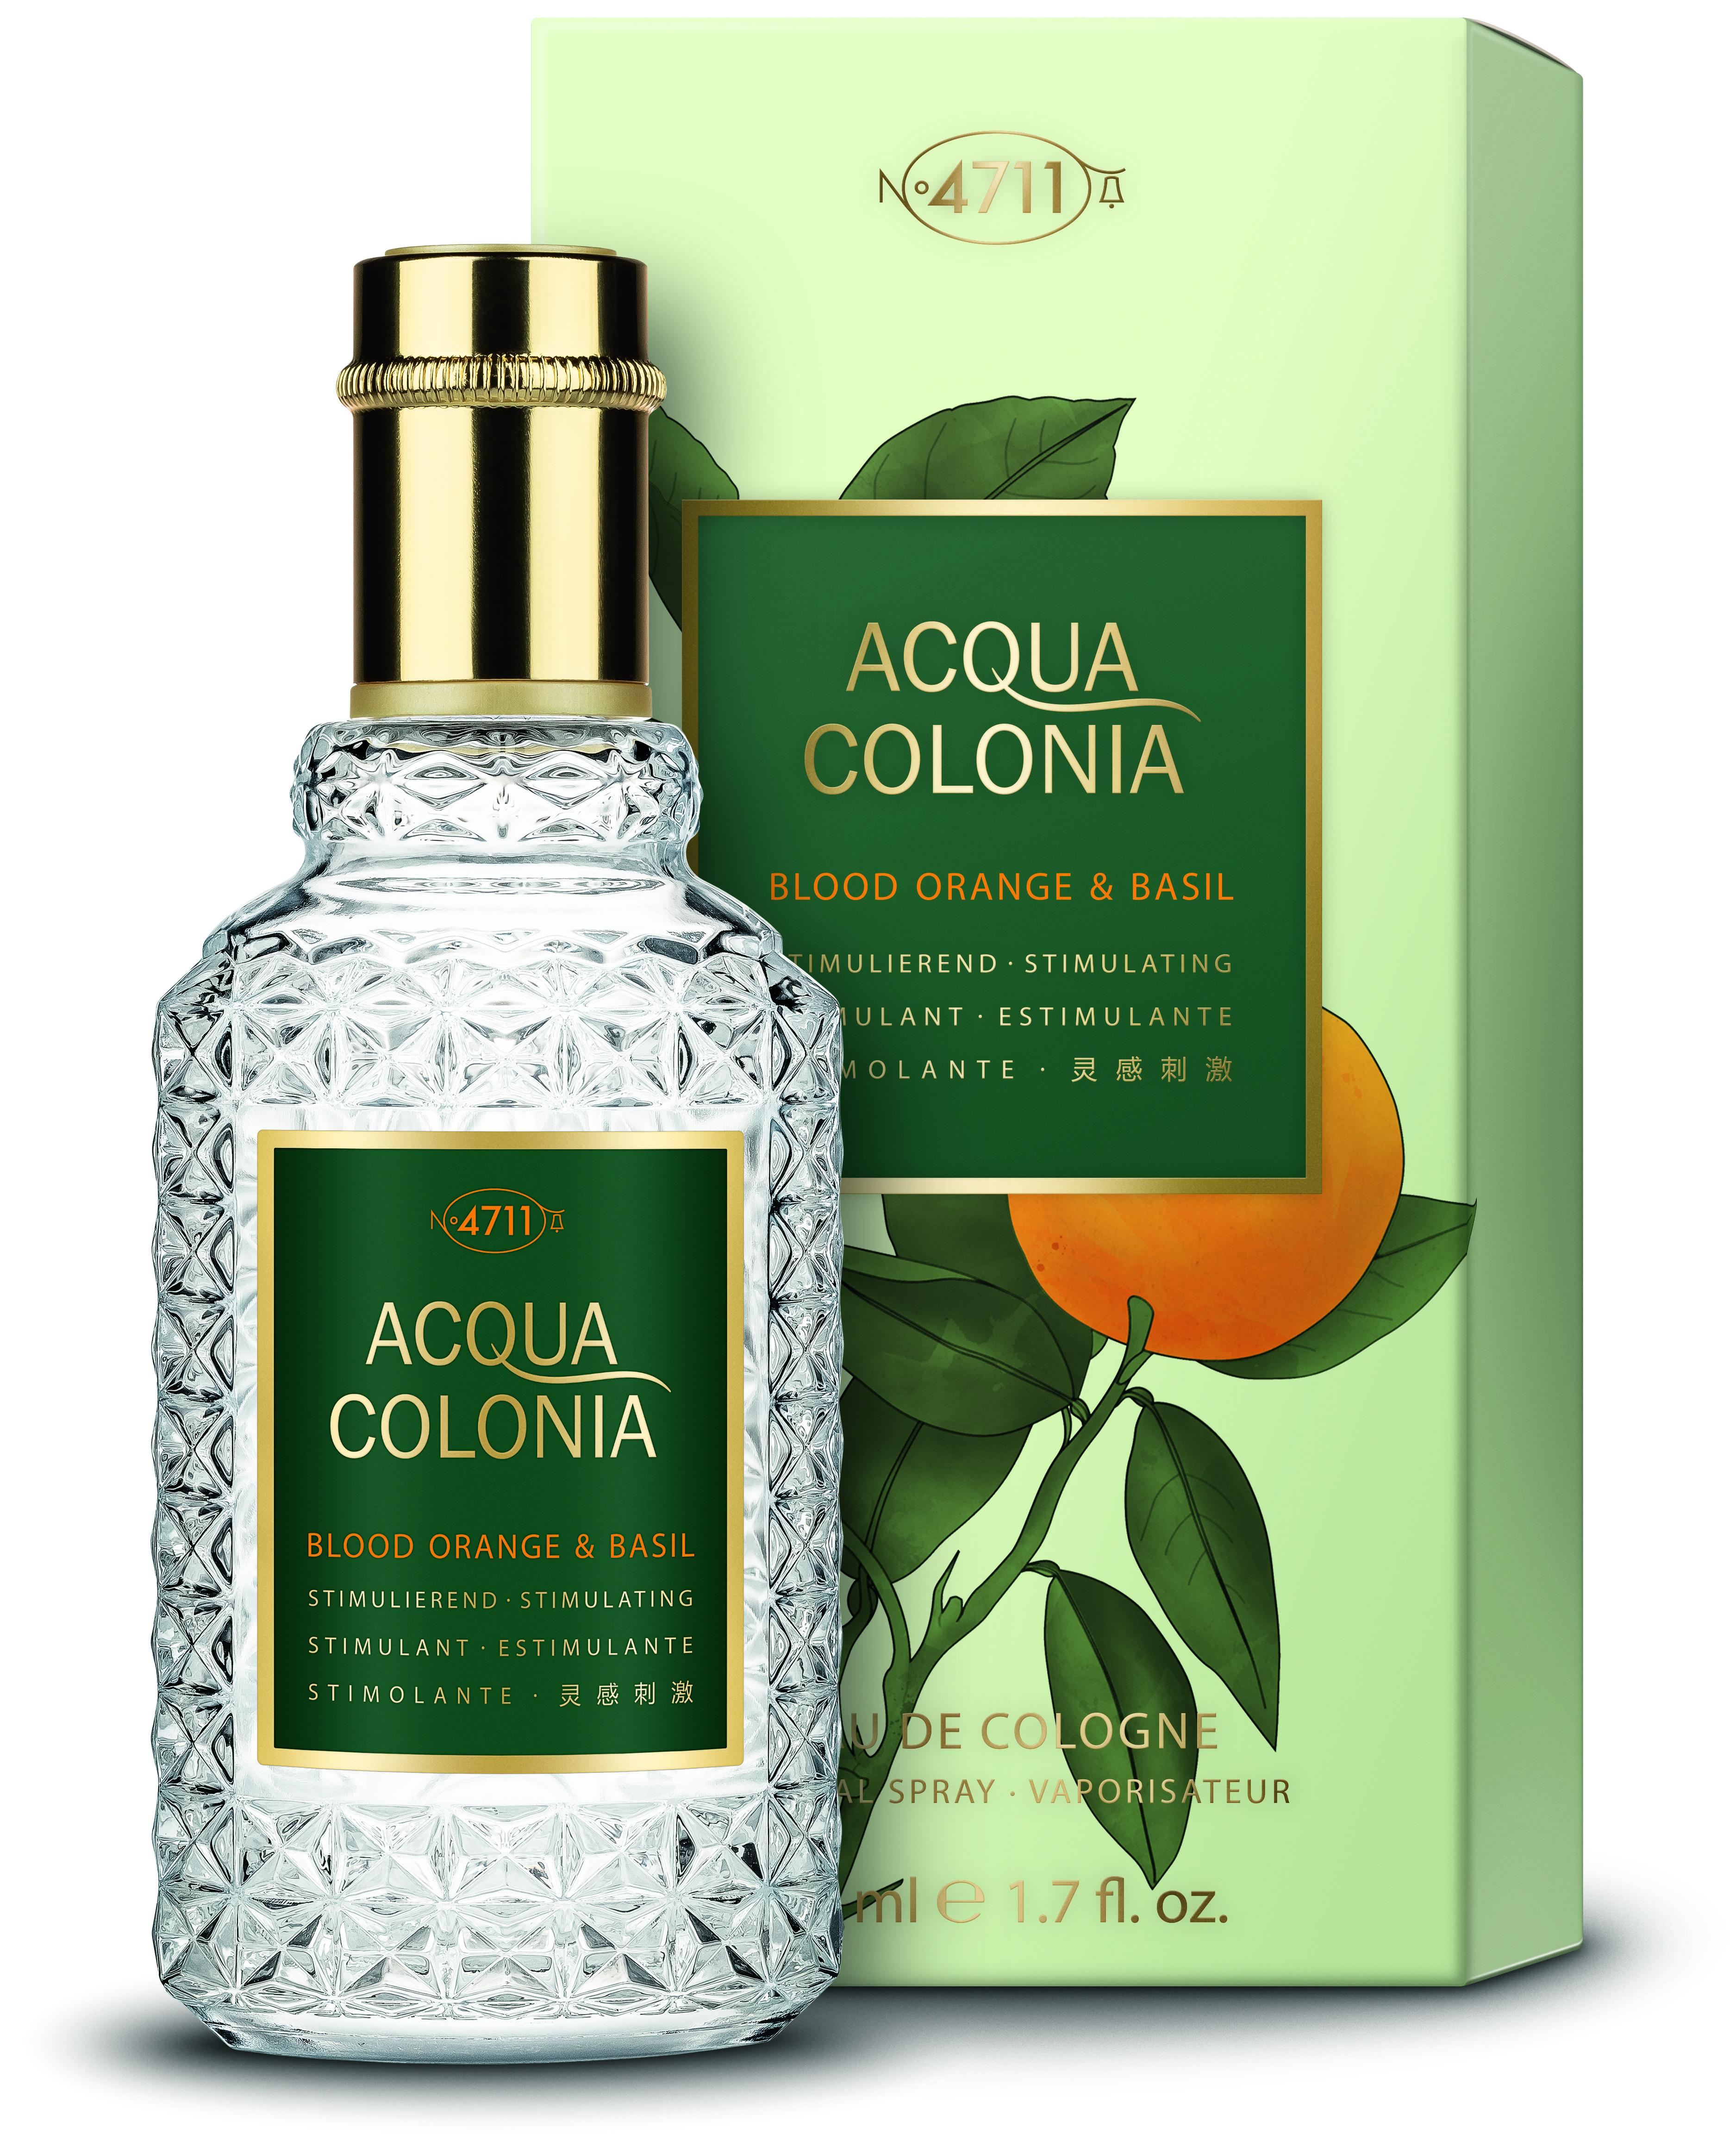 4711 Acqua Colonia Blood Orange & Basil  Eau de Cologne unisex 50 ml